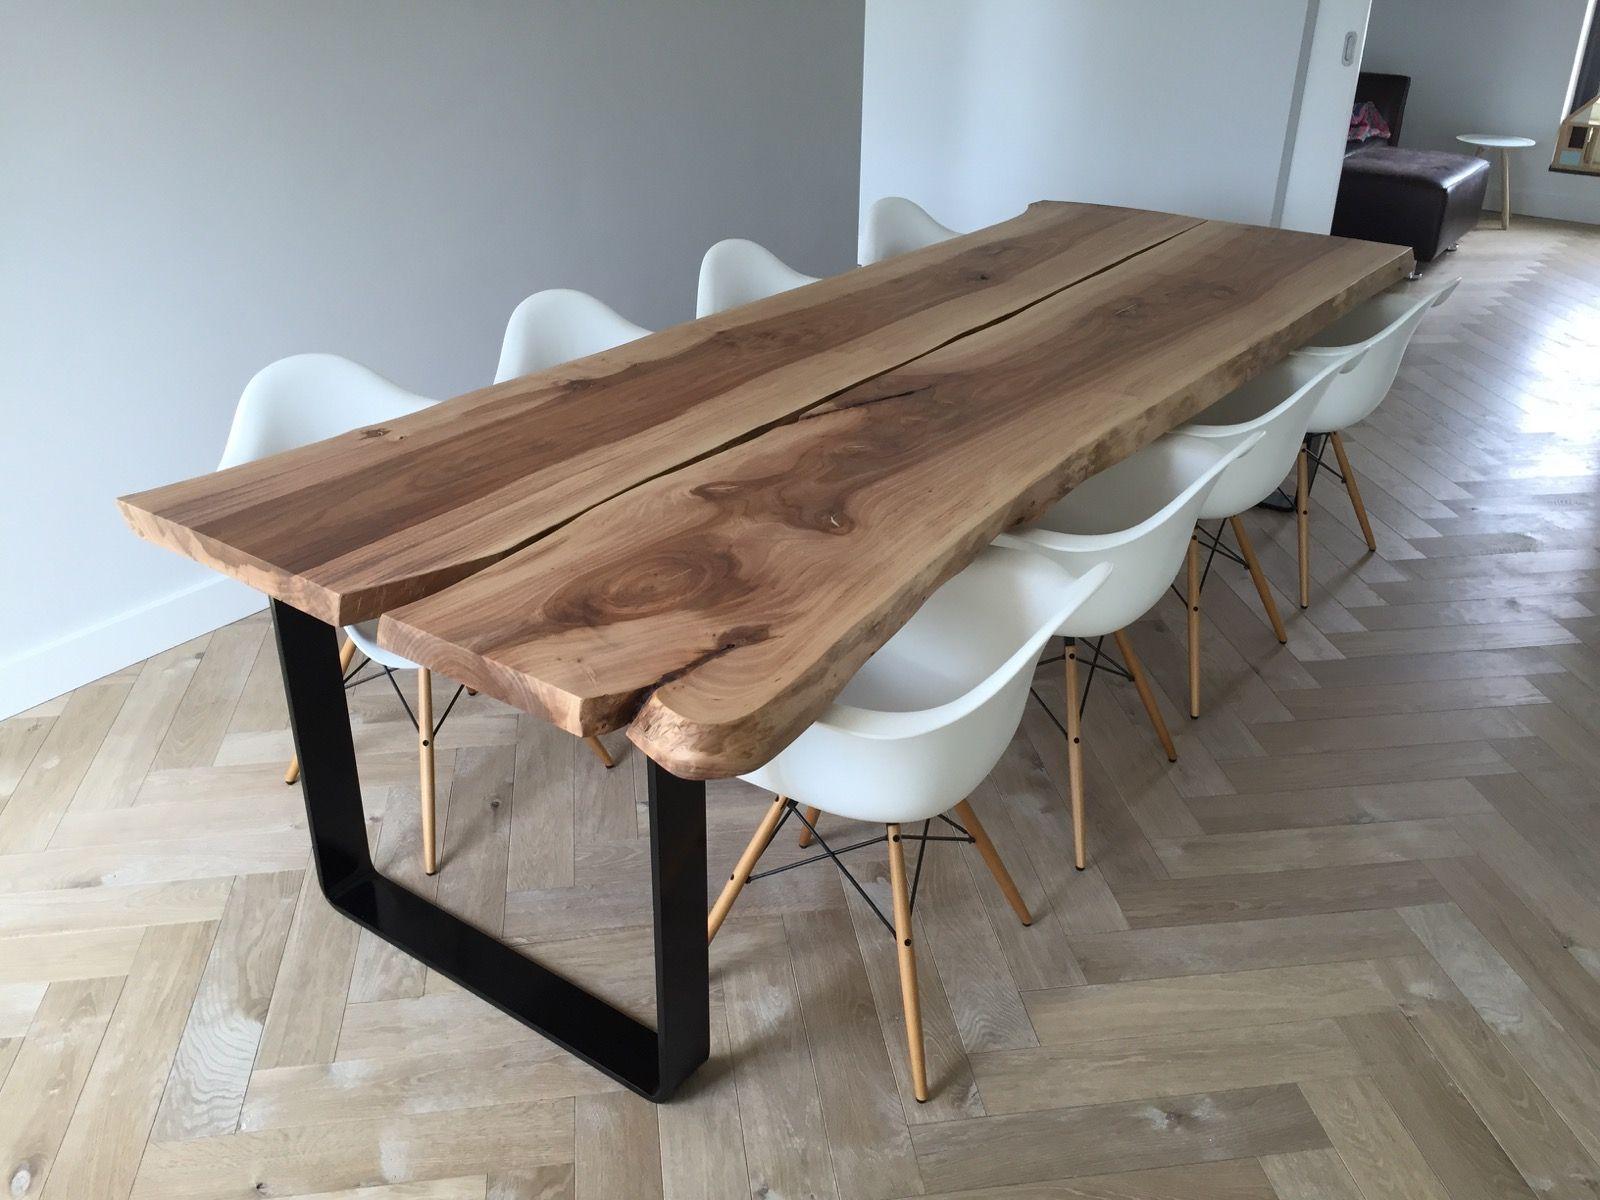 Grote Houten Tafels : Grote eettafel gemaakt uit twee delen hollandse iep uit 1 stam